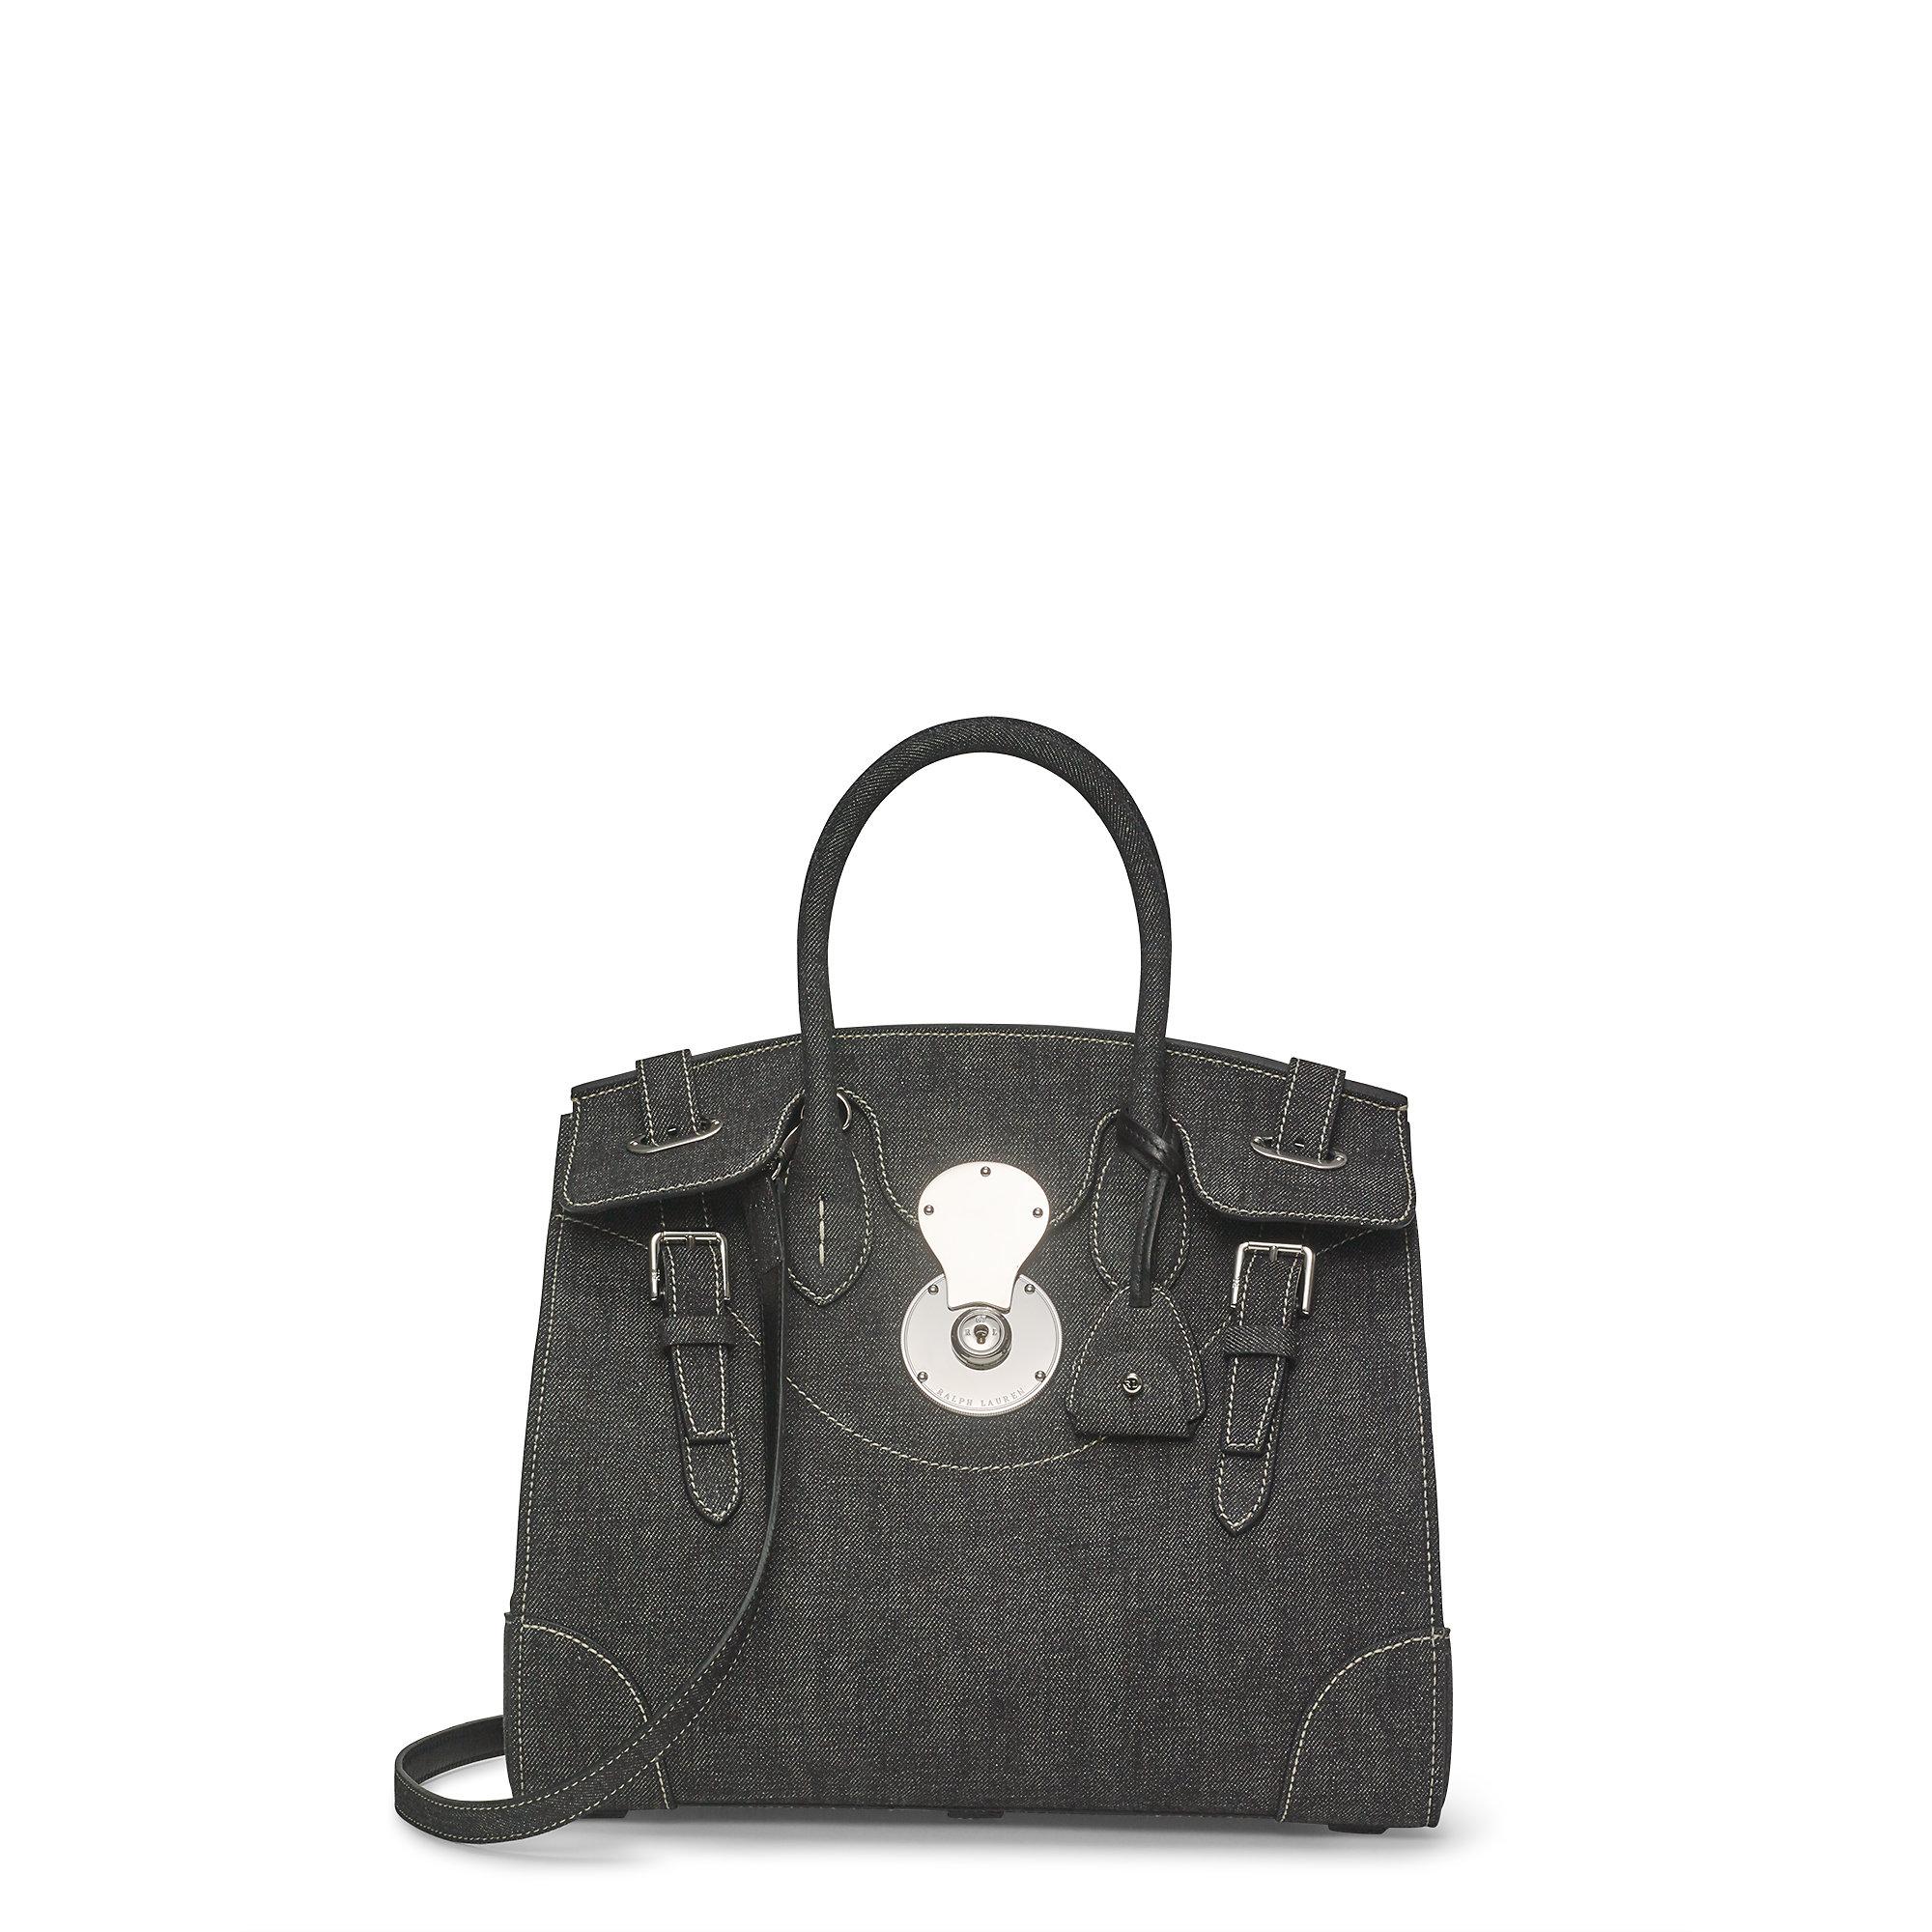 Lyst - Ralph Lauren Denim Ricky 33 Bag in Black 3d5145de66